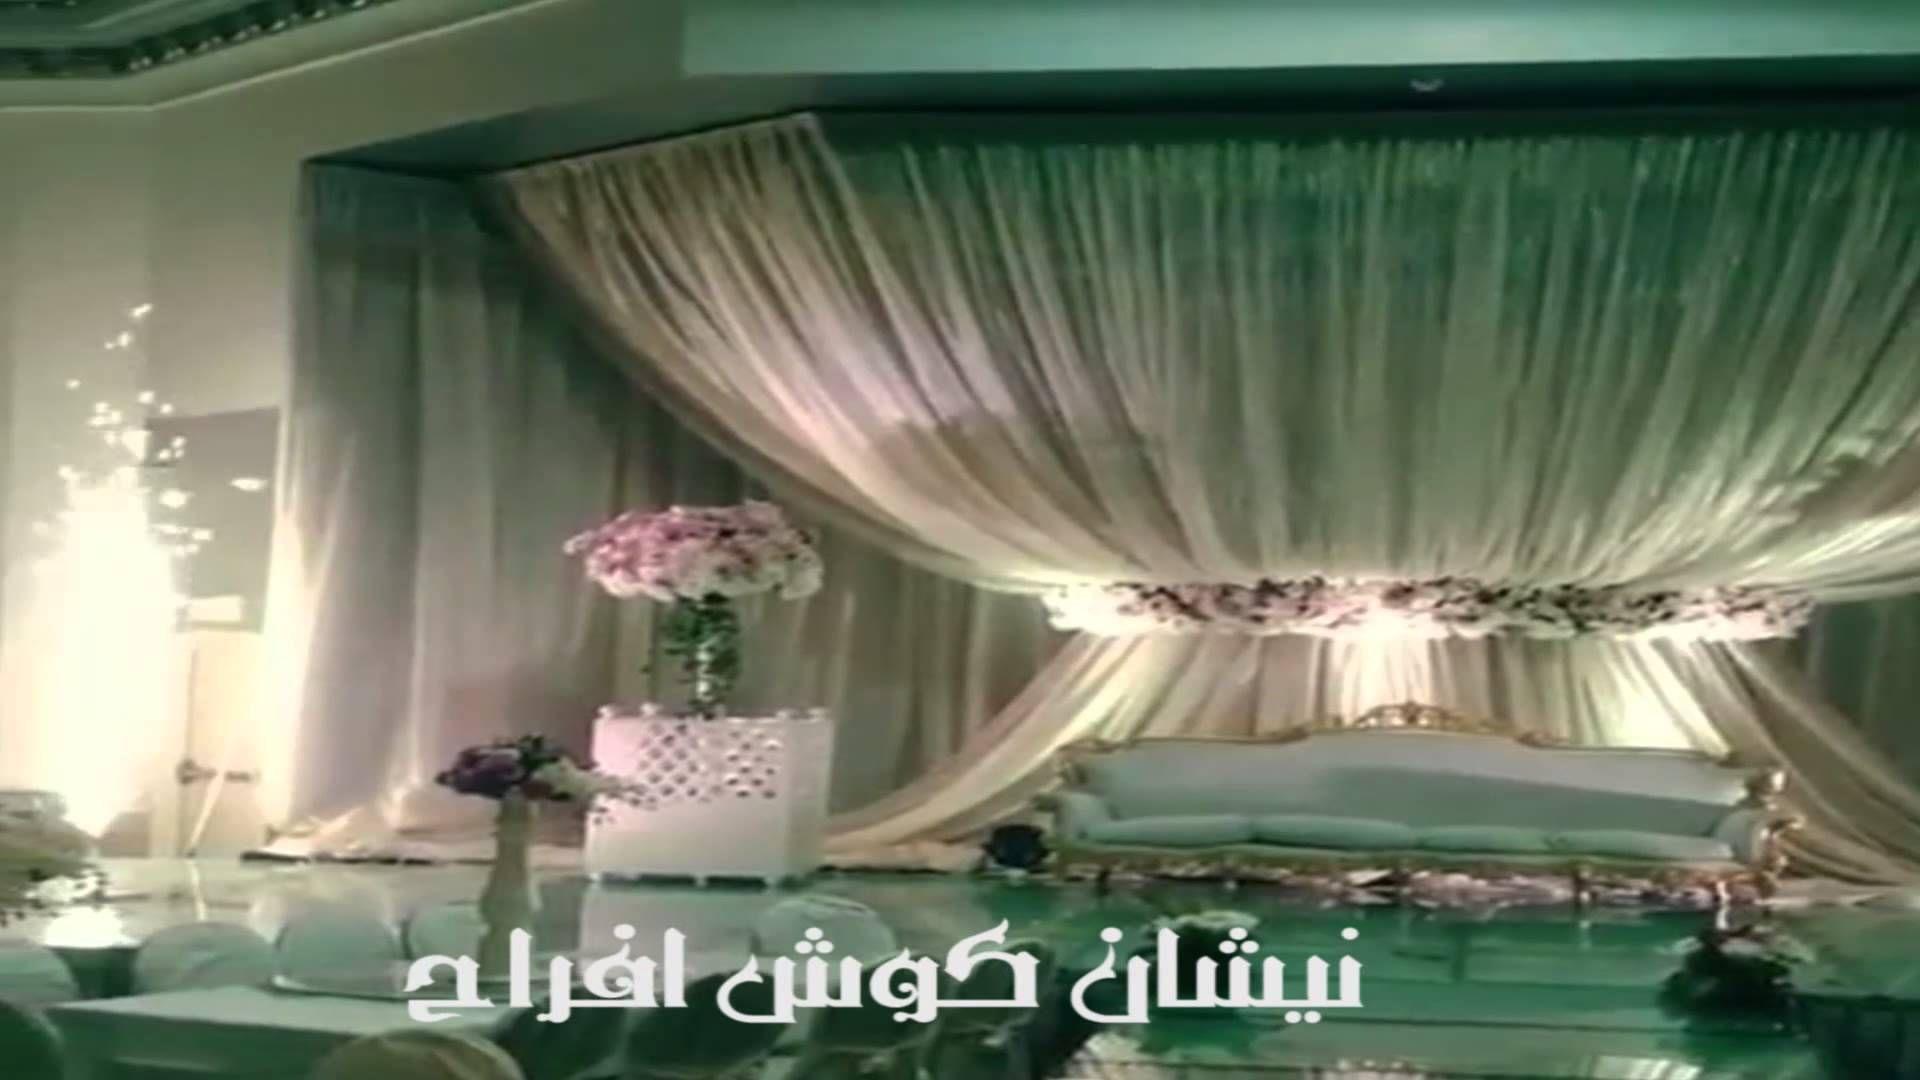 نيشان كوش افراح موقع افراحكم Home Decor Decor Home